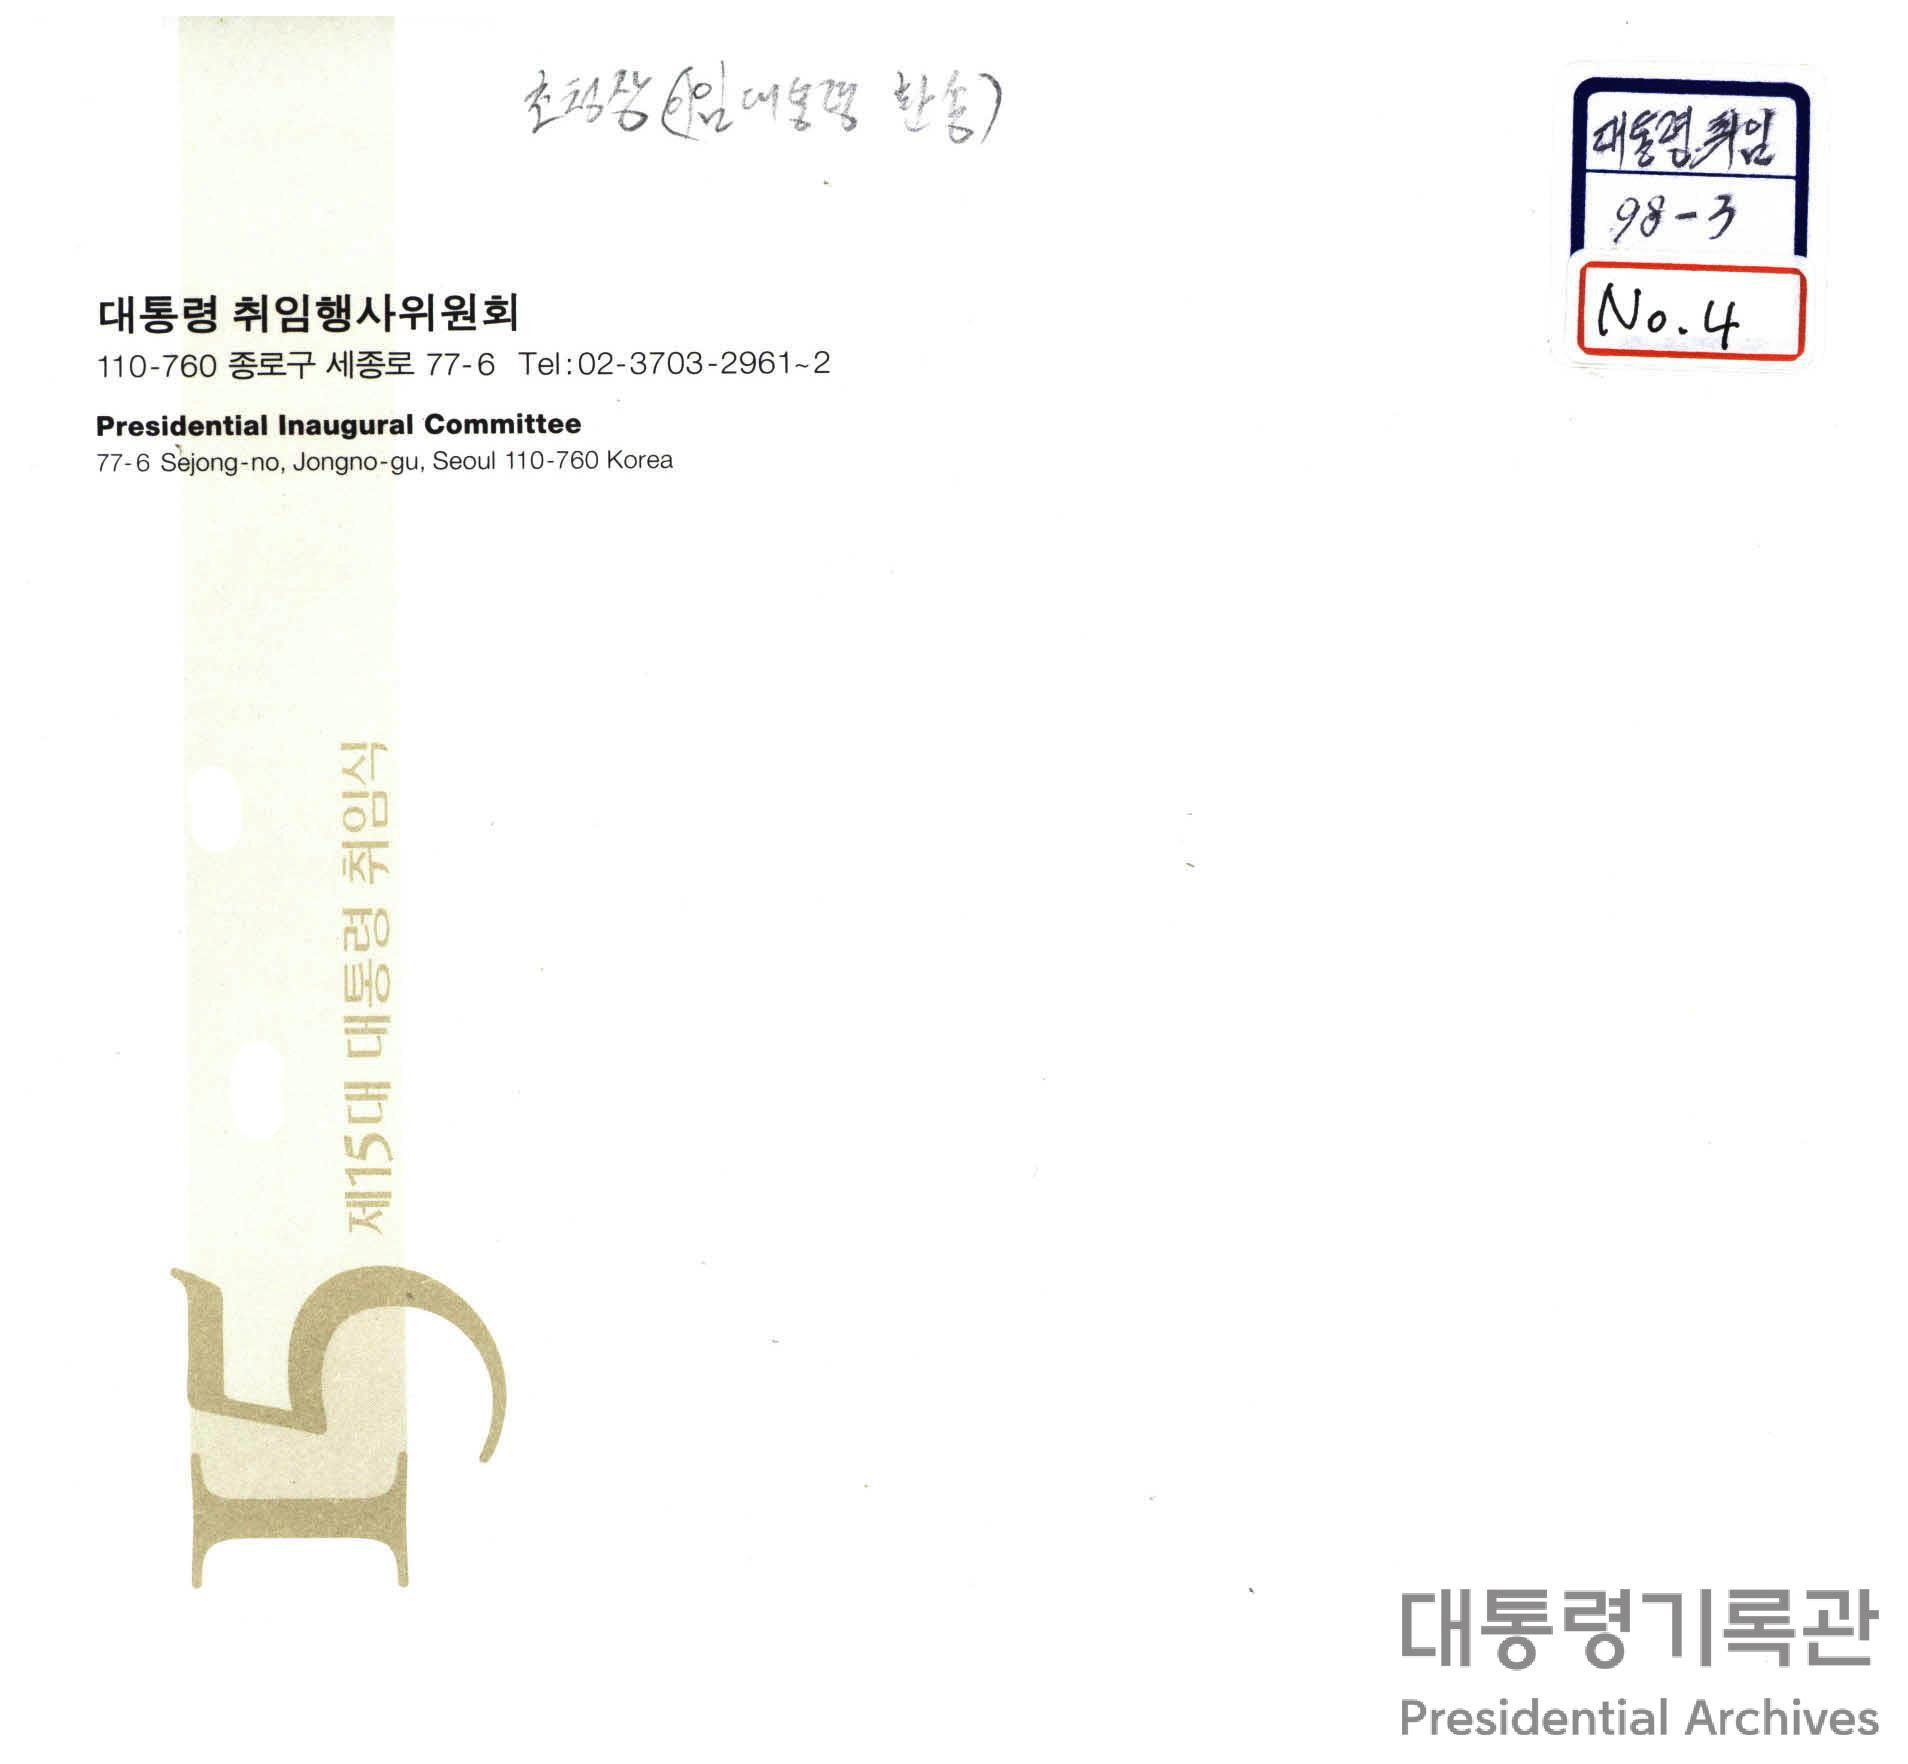 제15대 대통령 취임식 초청장(이임 대통령 환송) (1998, 김대중대통령)